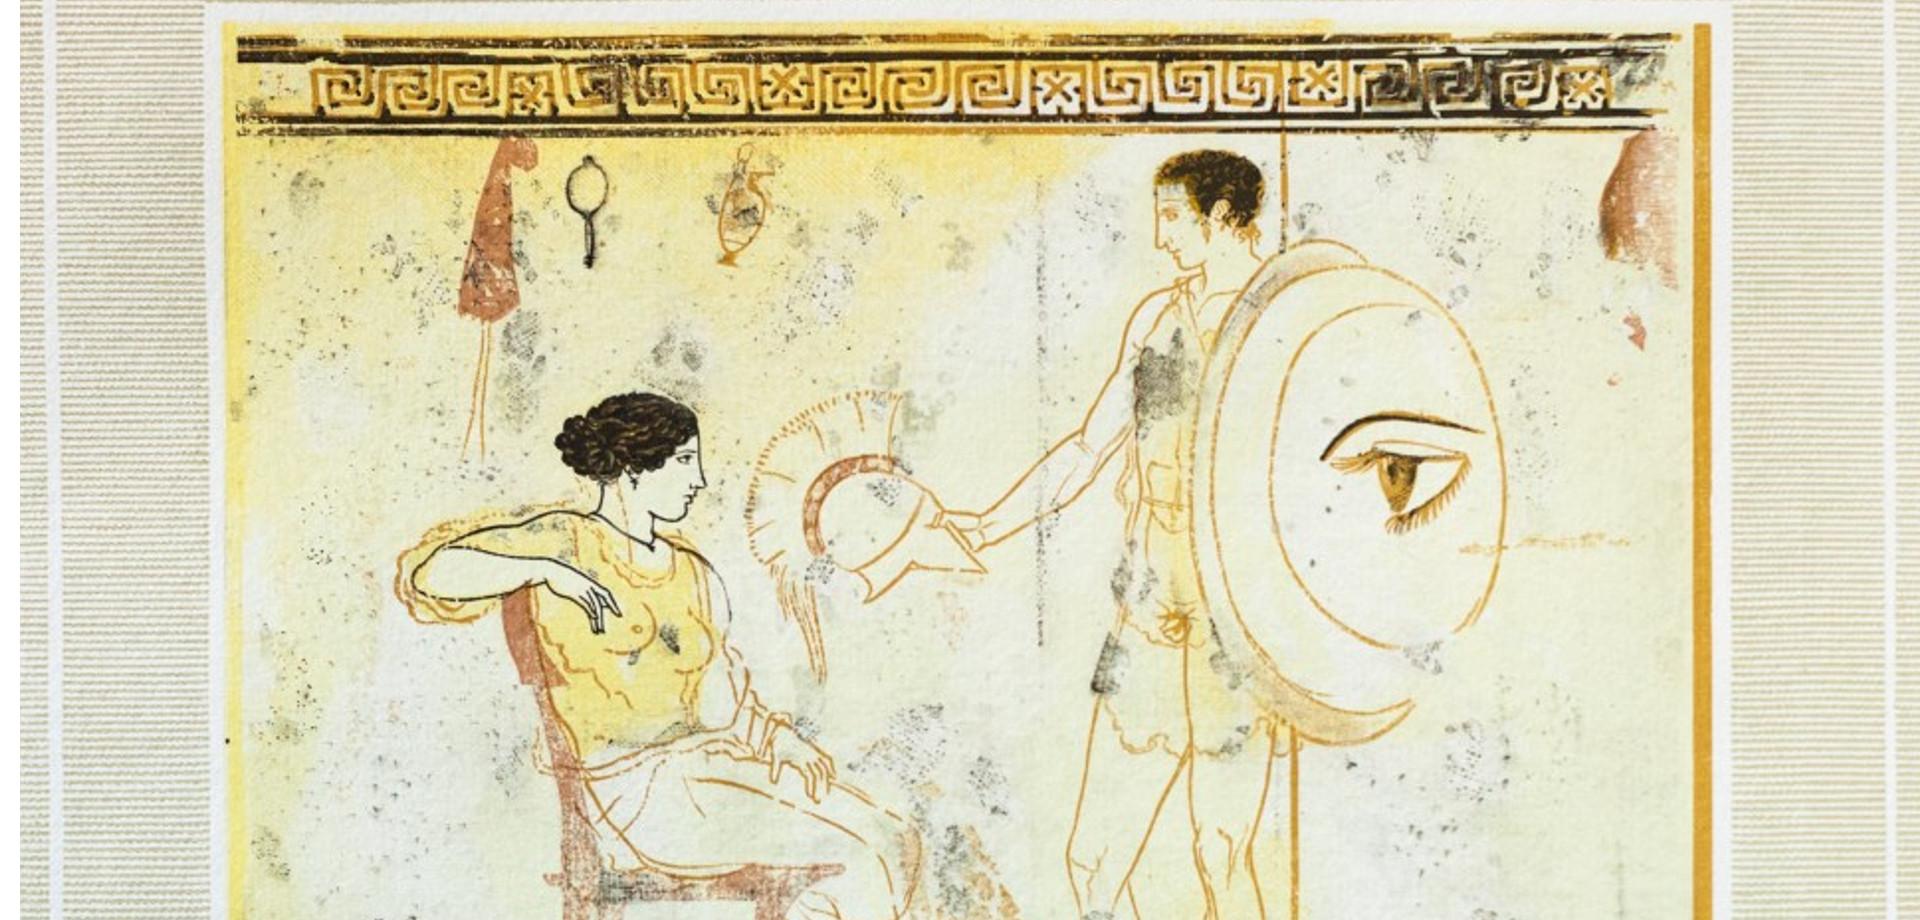 Δέκα λευκαί λήκυθοι του Μουσείου Αθηνών